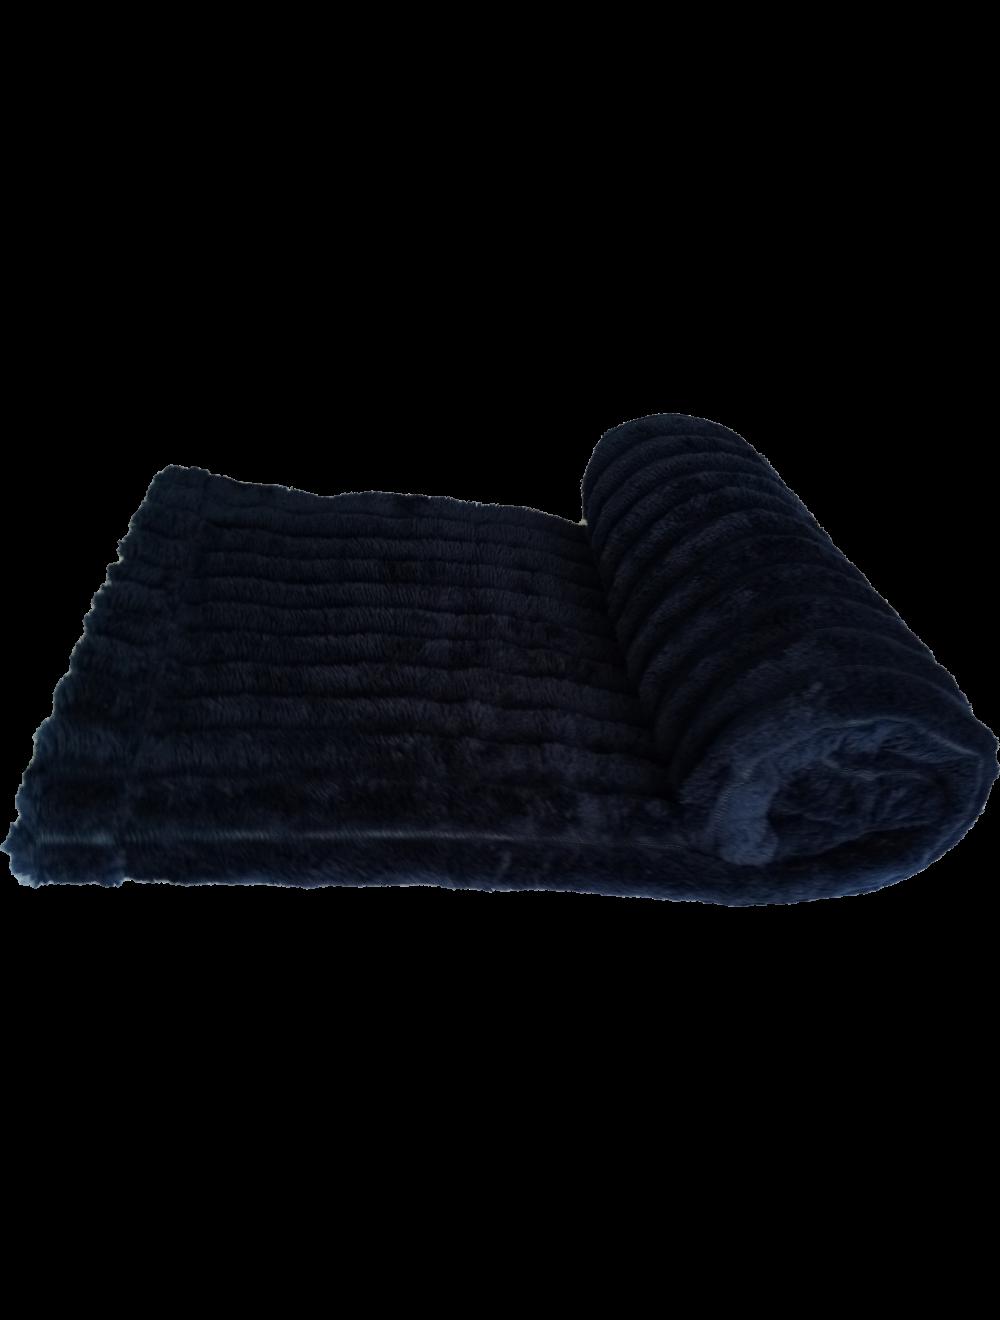 Cobija Relief para Mascotas Azul Oscuro S